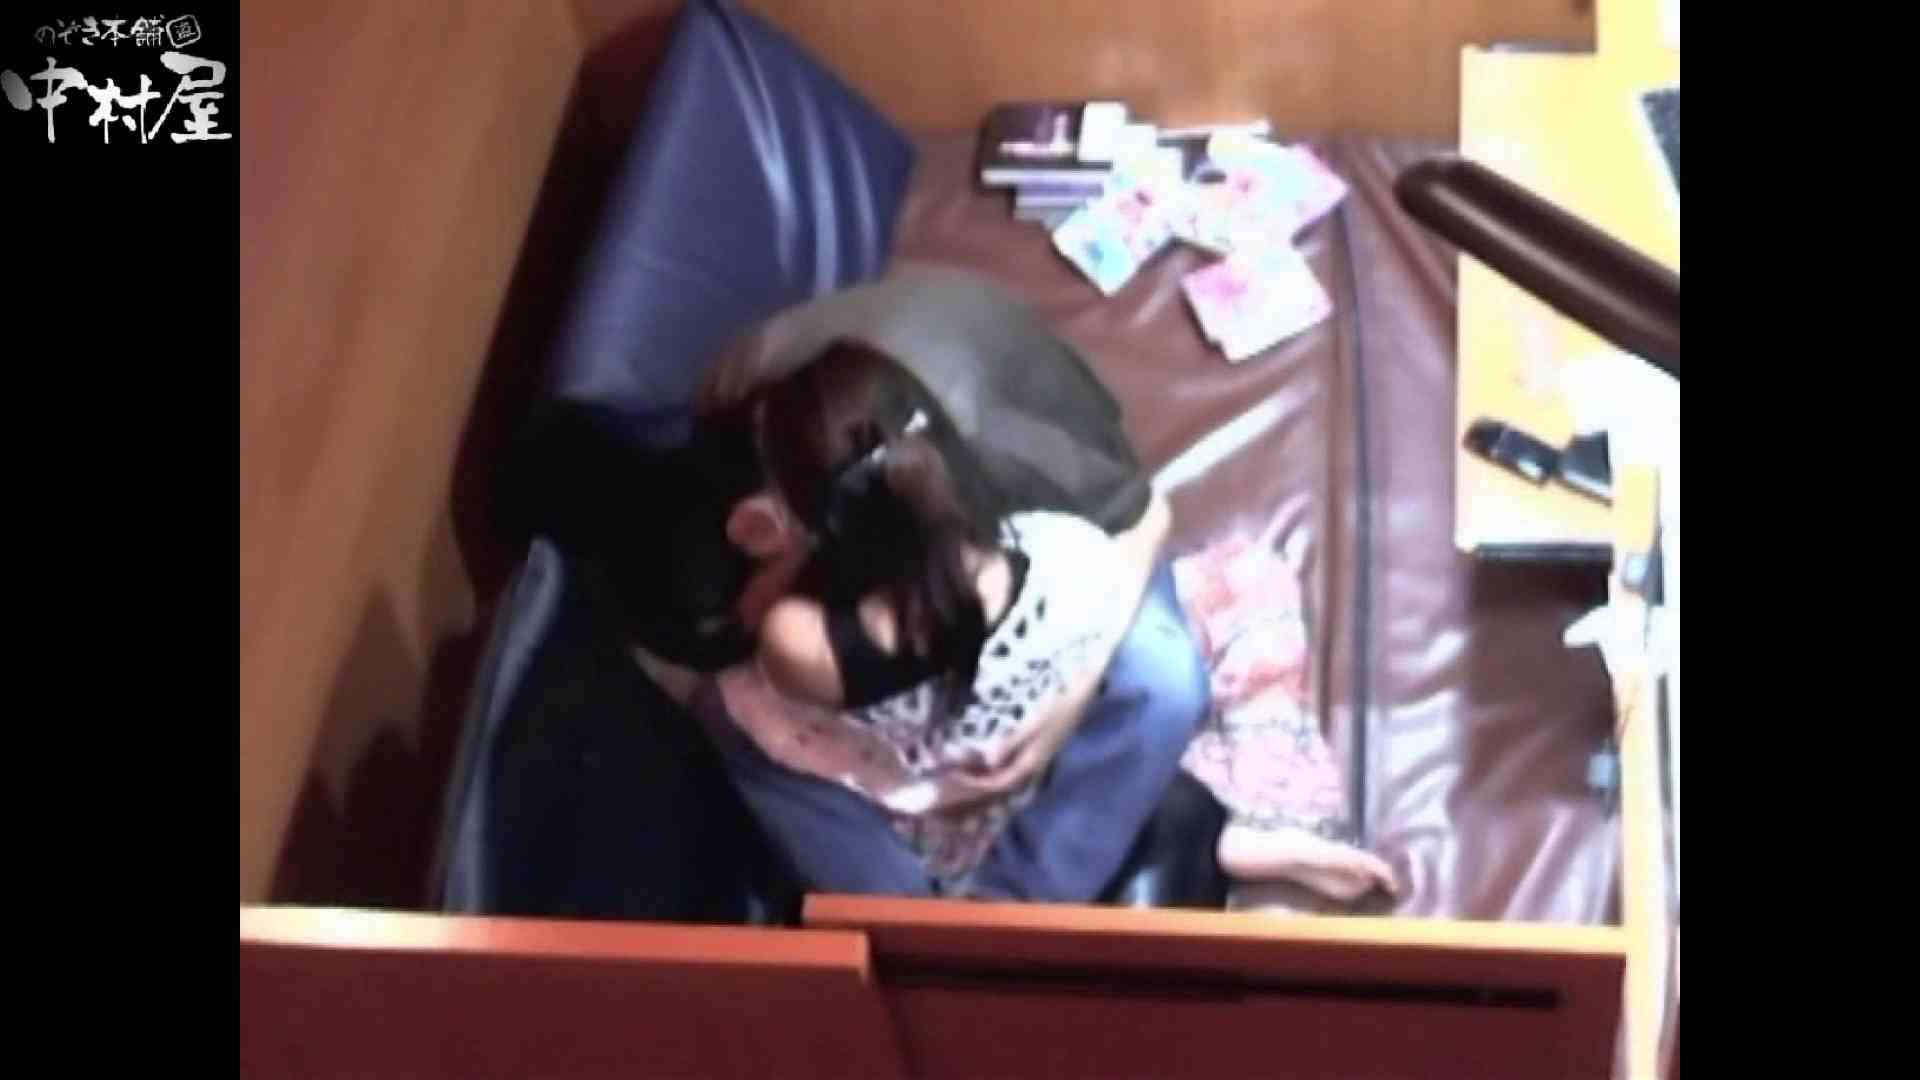 ネットカフェ盗撮師トロントさんの 素人カップル盗撮記vol.1 ぱっくり下半身 性交動画流出 63画像 27